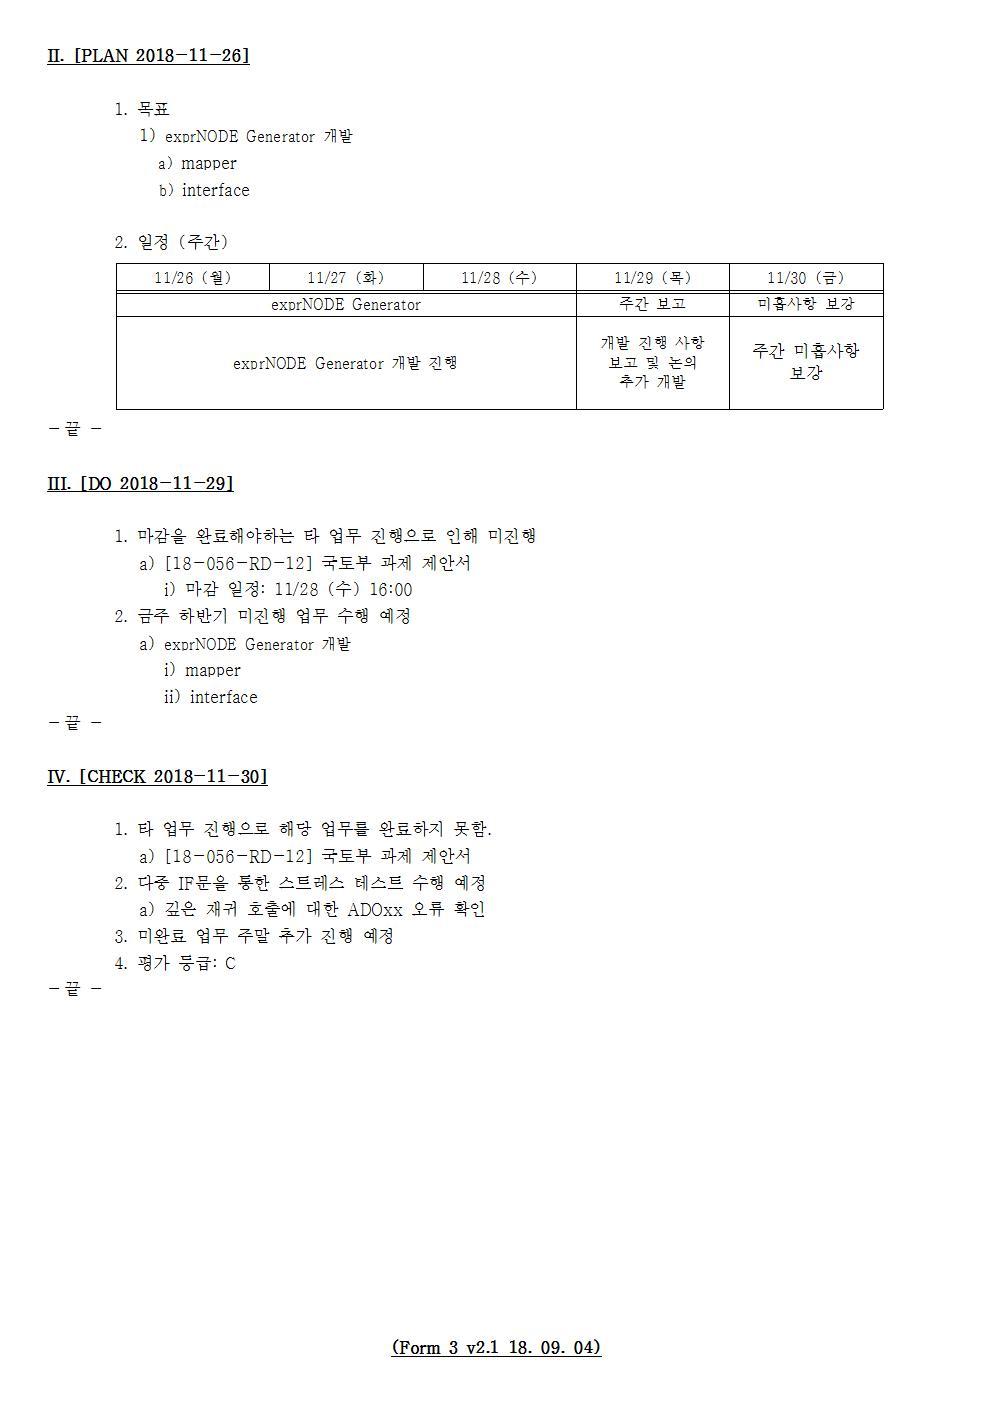 D-[18-003-RD-03]-[SRRE]-[2018-11-30][JS]002.jpg